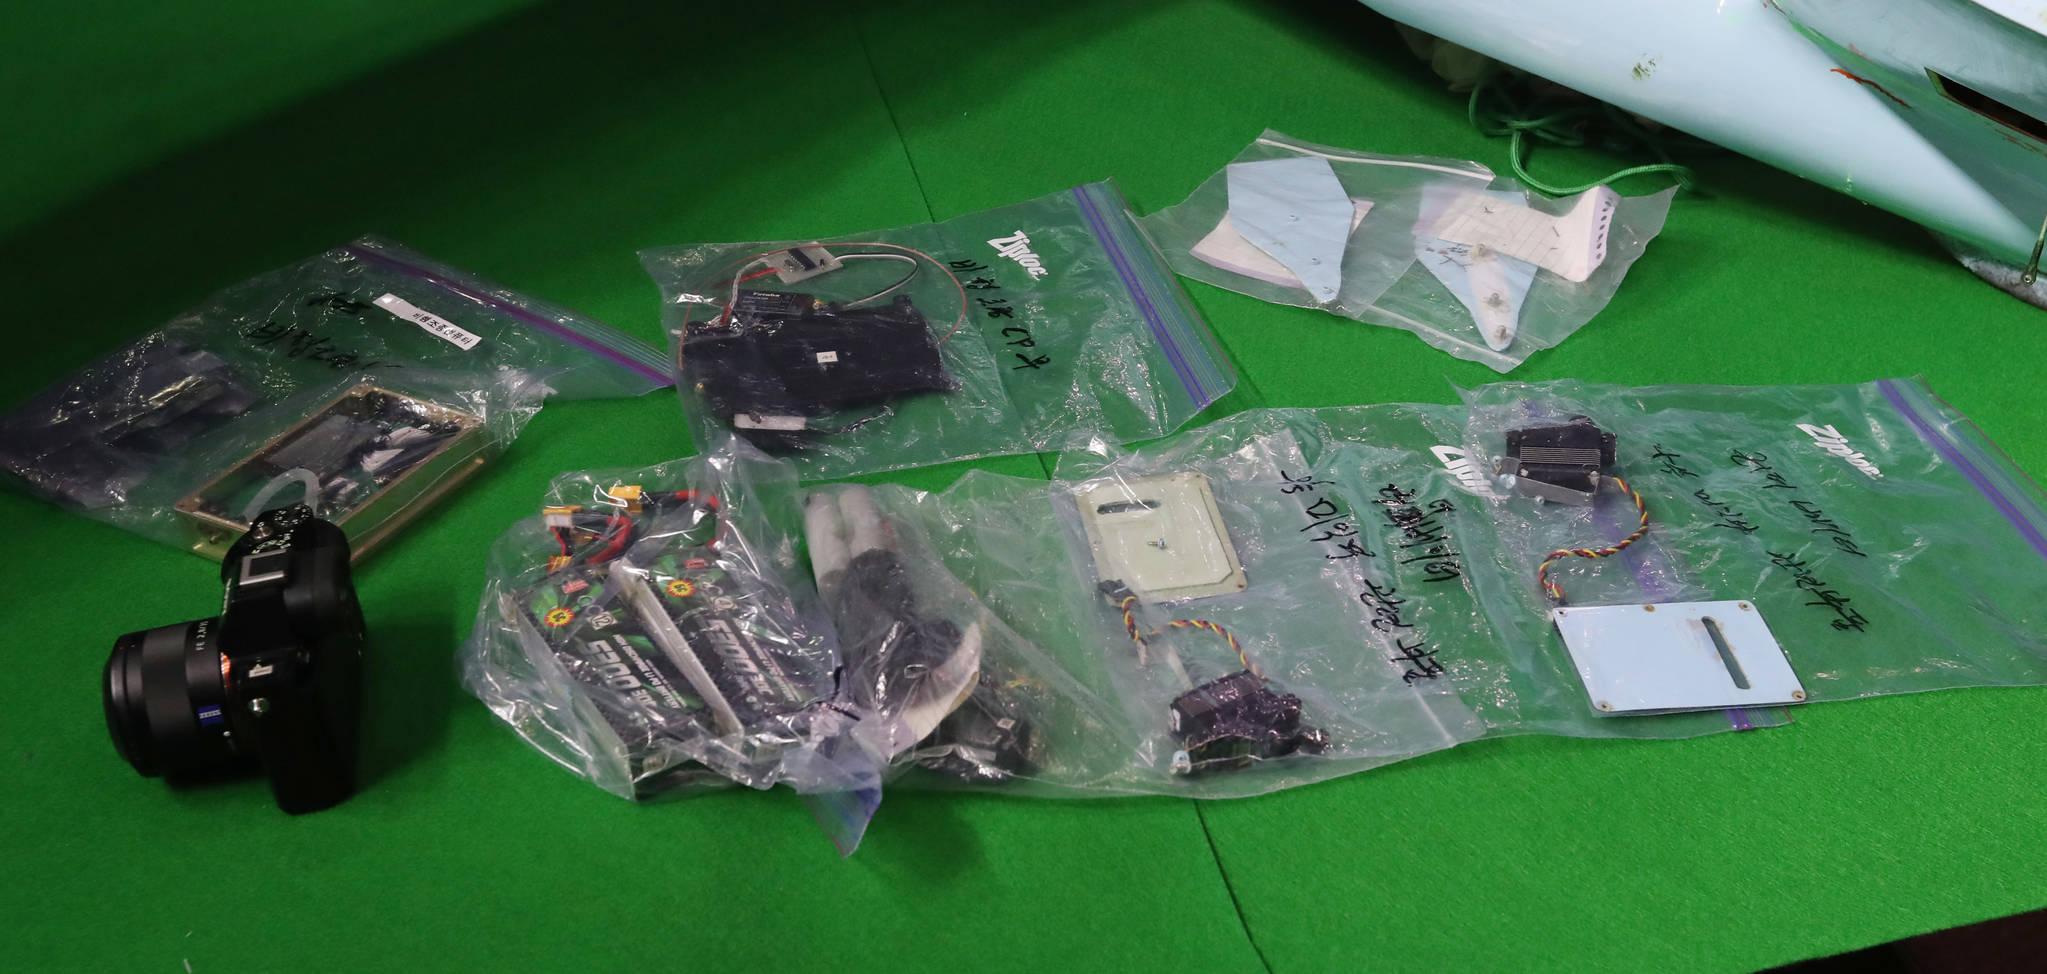 북한 소형 무인기에서 발견된 비행기 관련 부품. 김경록 기자